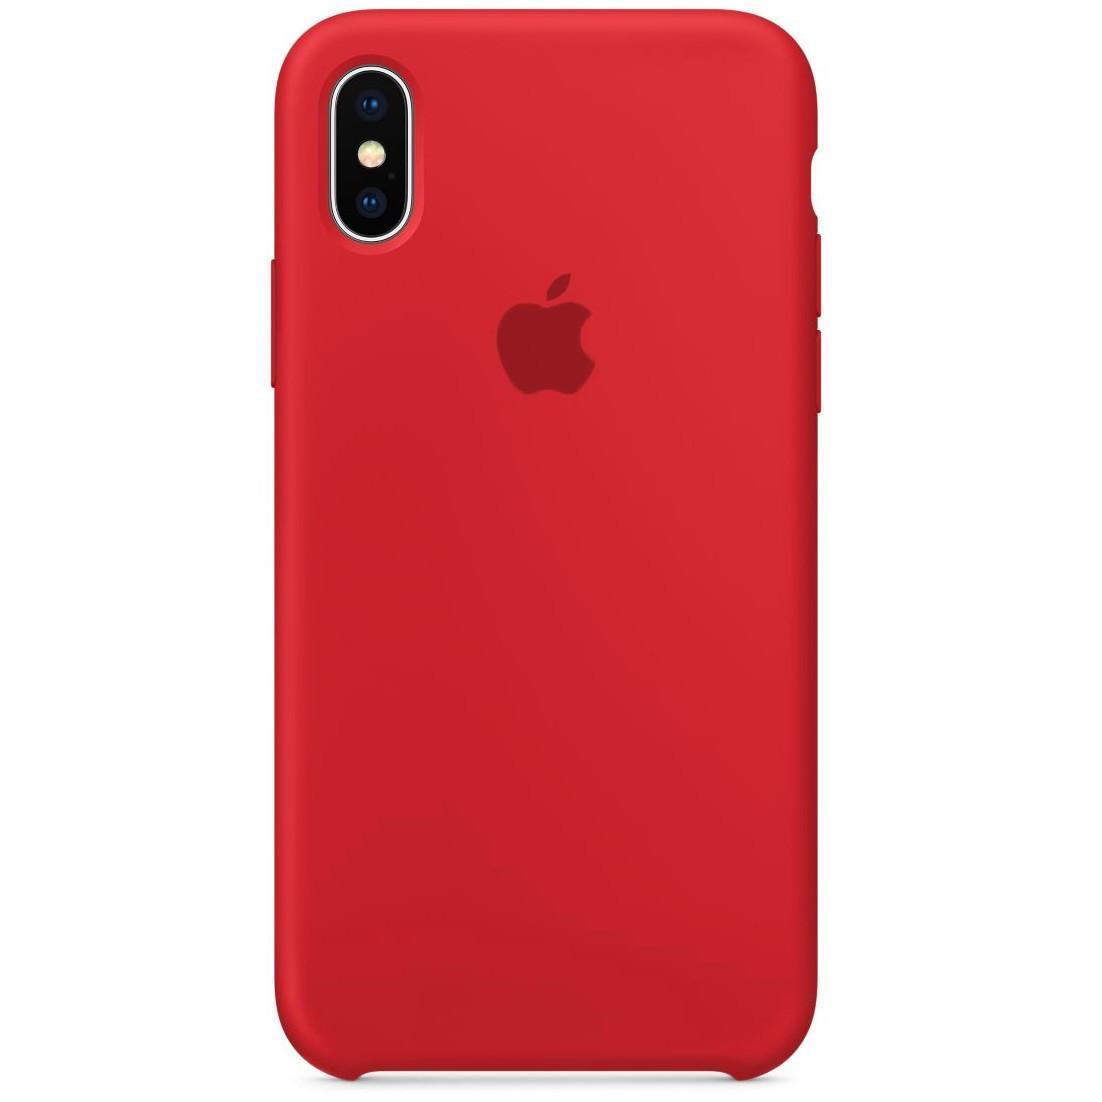 Чохол накладка xCase для iPhone X/XS Silicone Case червоний